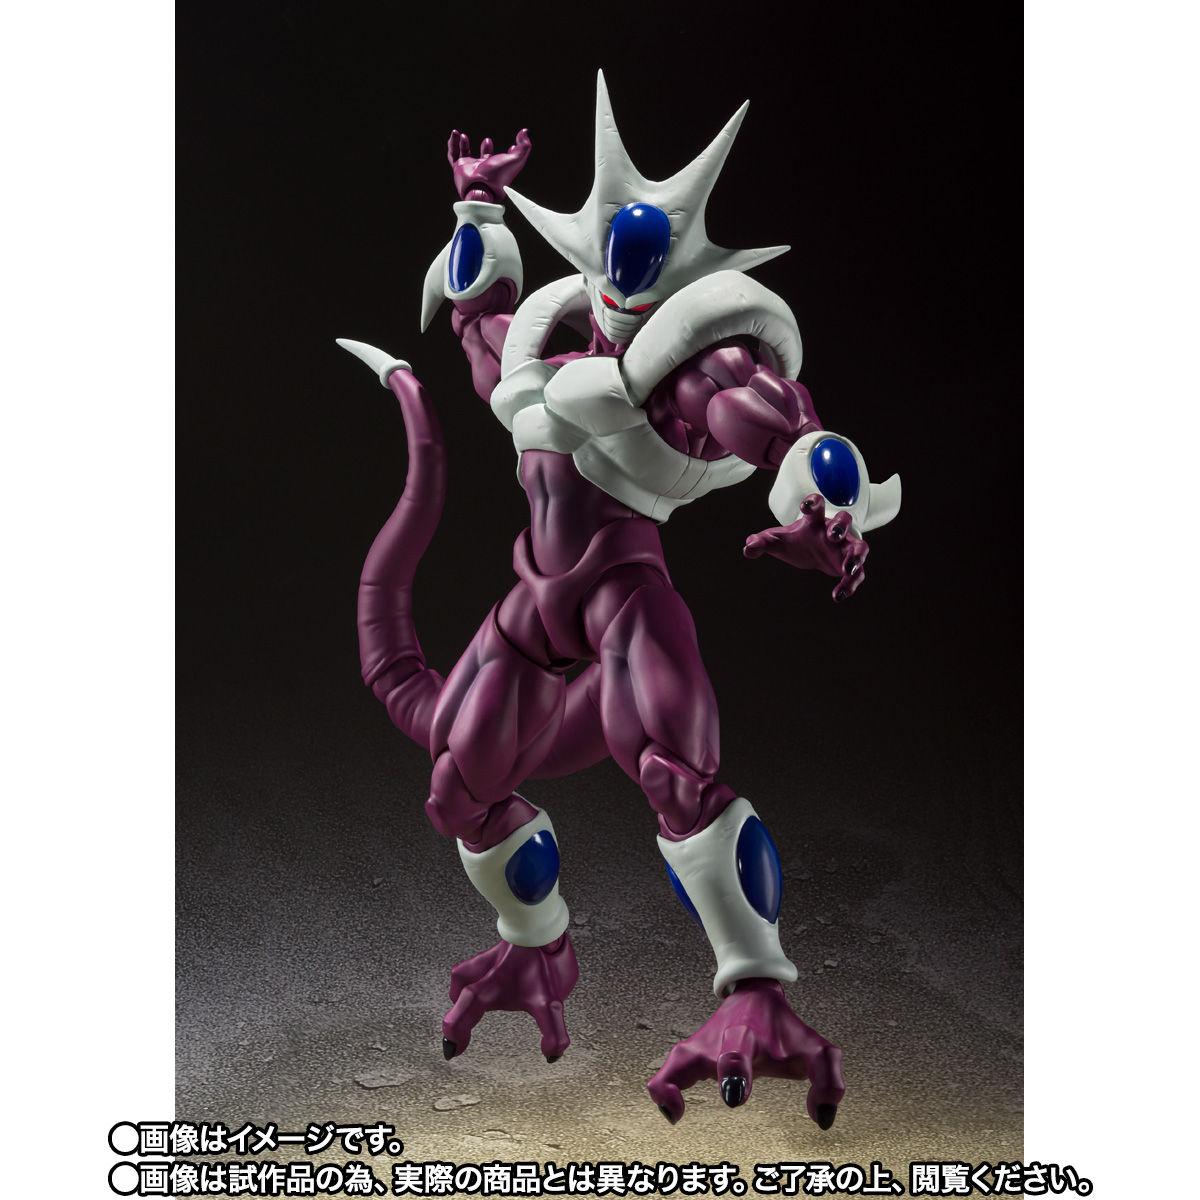 【限定販売】S.H.Figuarts『クウラ 最終形態』ドラゴンボールZ 可動フィギュア-009